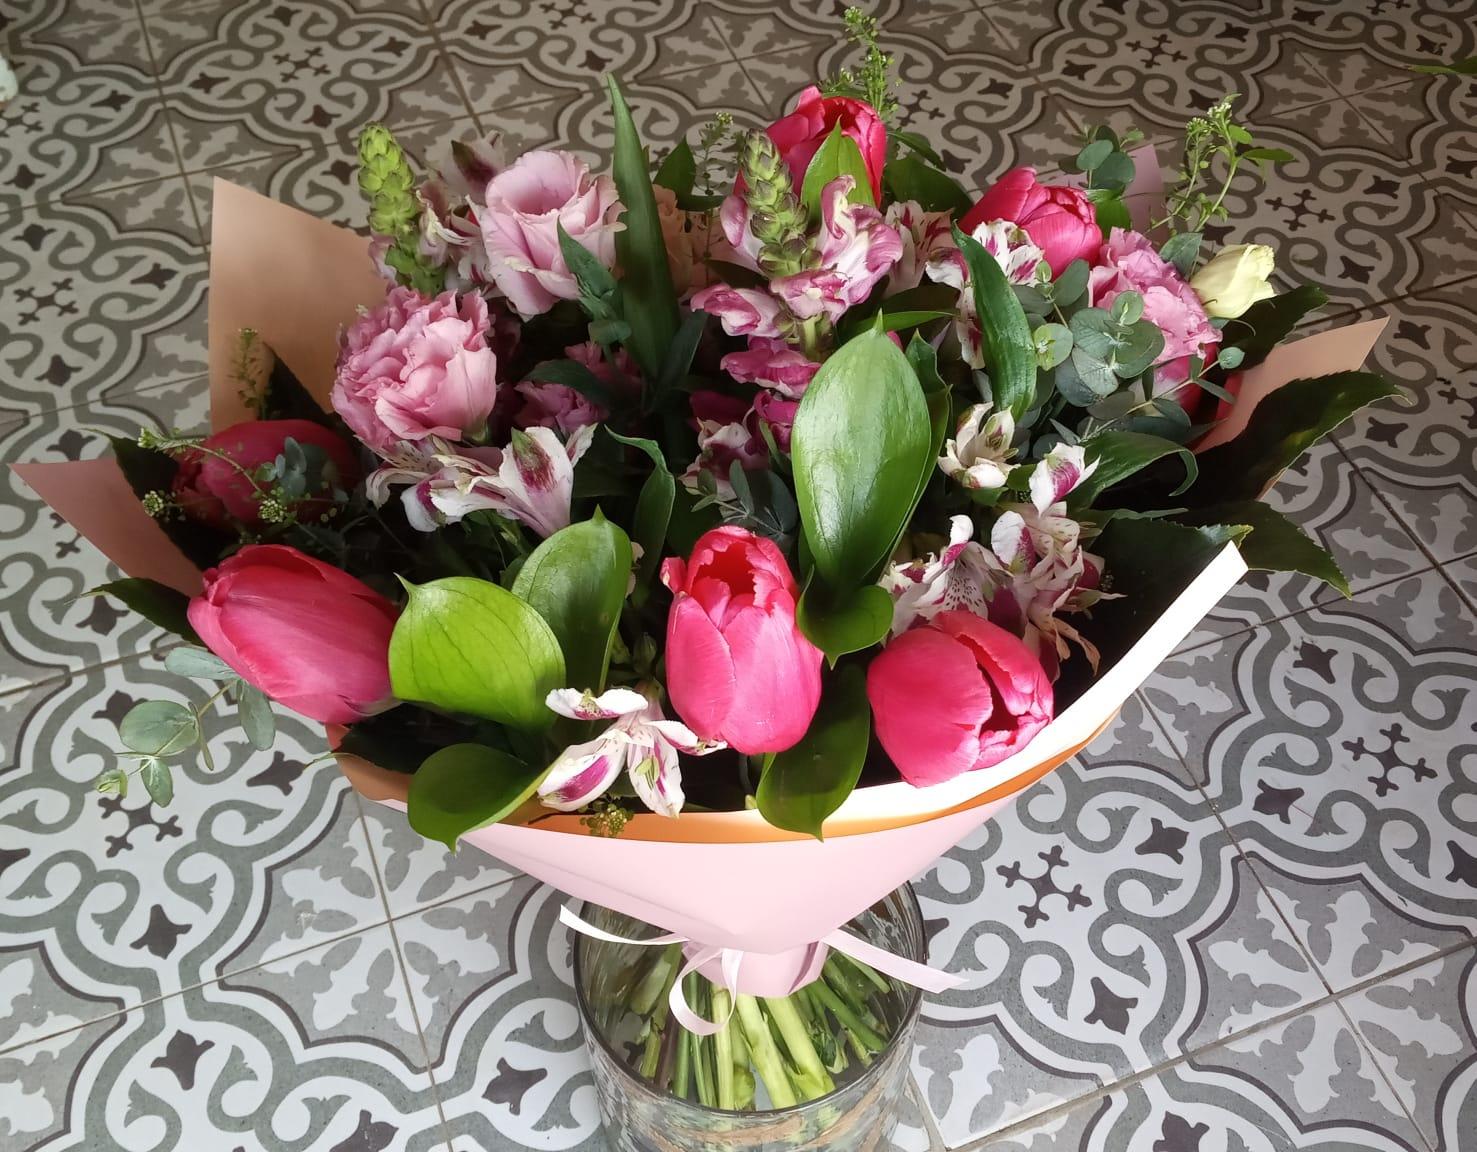 זר וורודים - פרחי סיתוונית - אשקלון